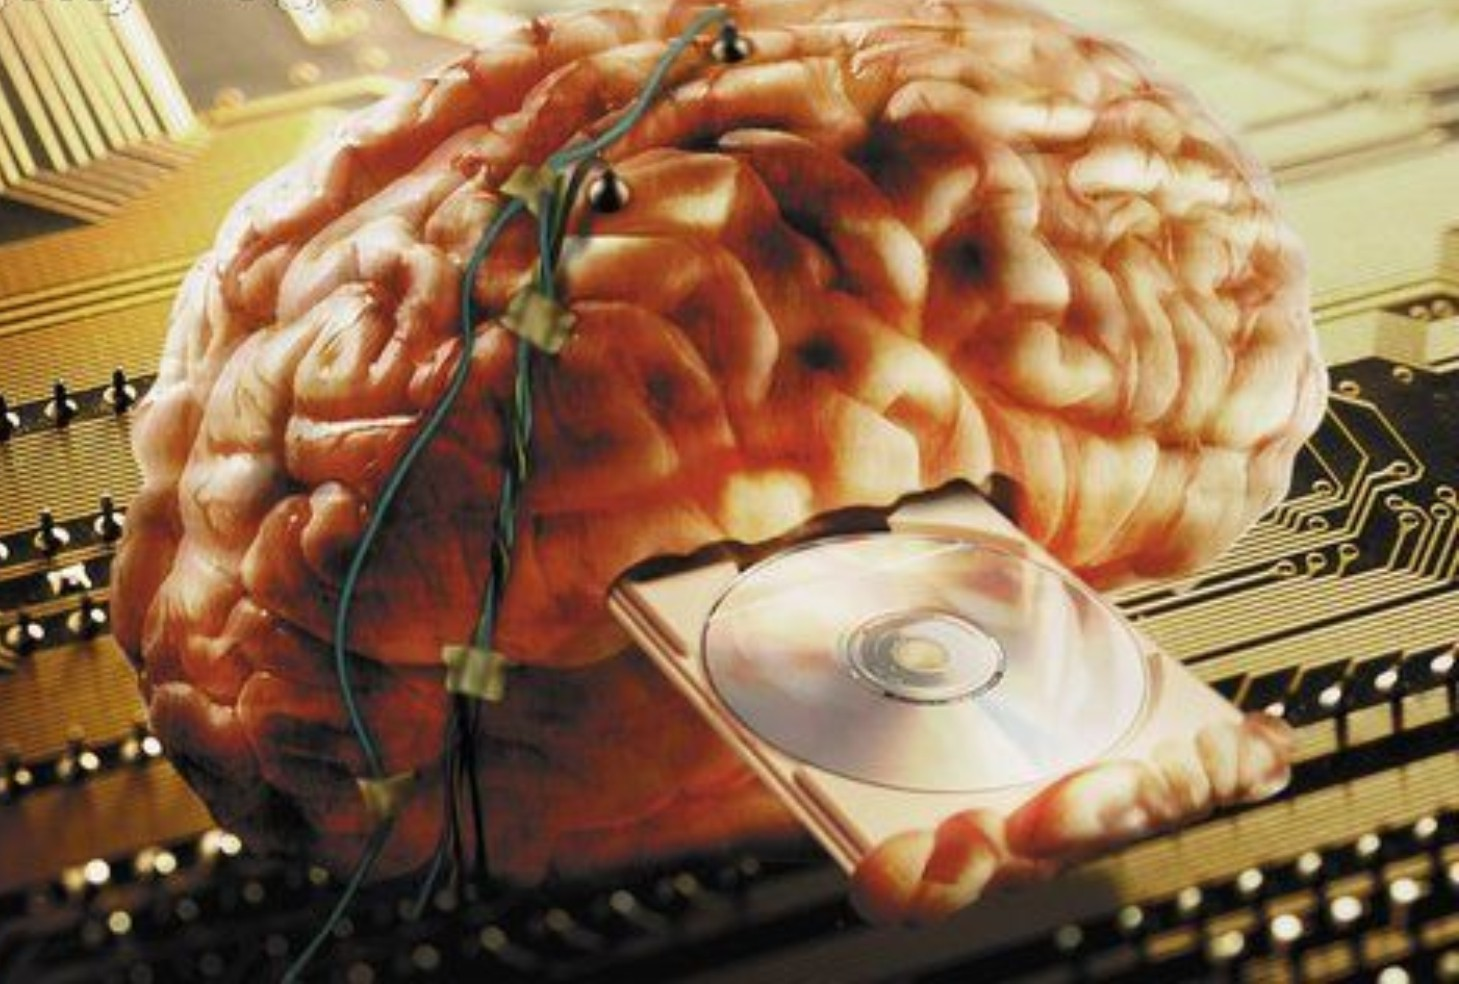 Tipe Orang Yang Mudah Dipengaruhi Dan Di Cuci Otak Gambar Foto